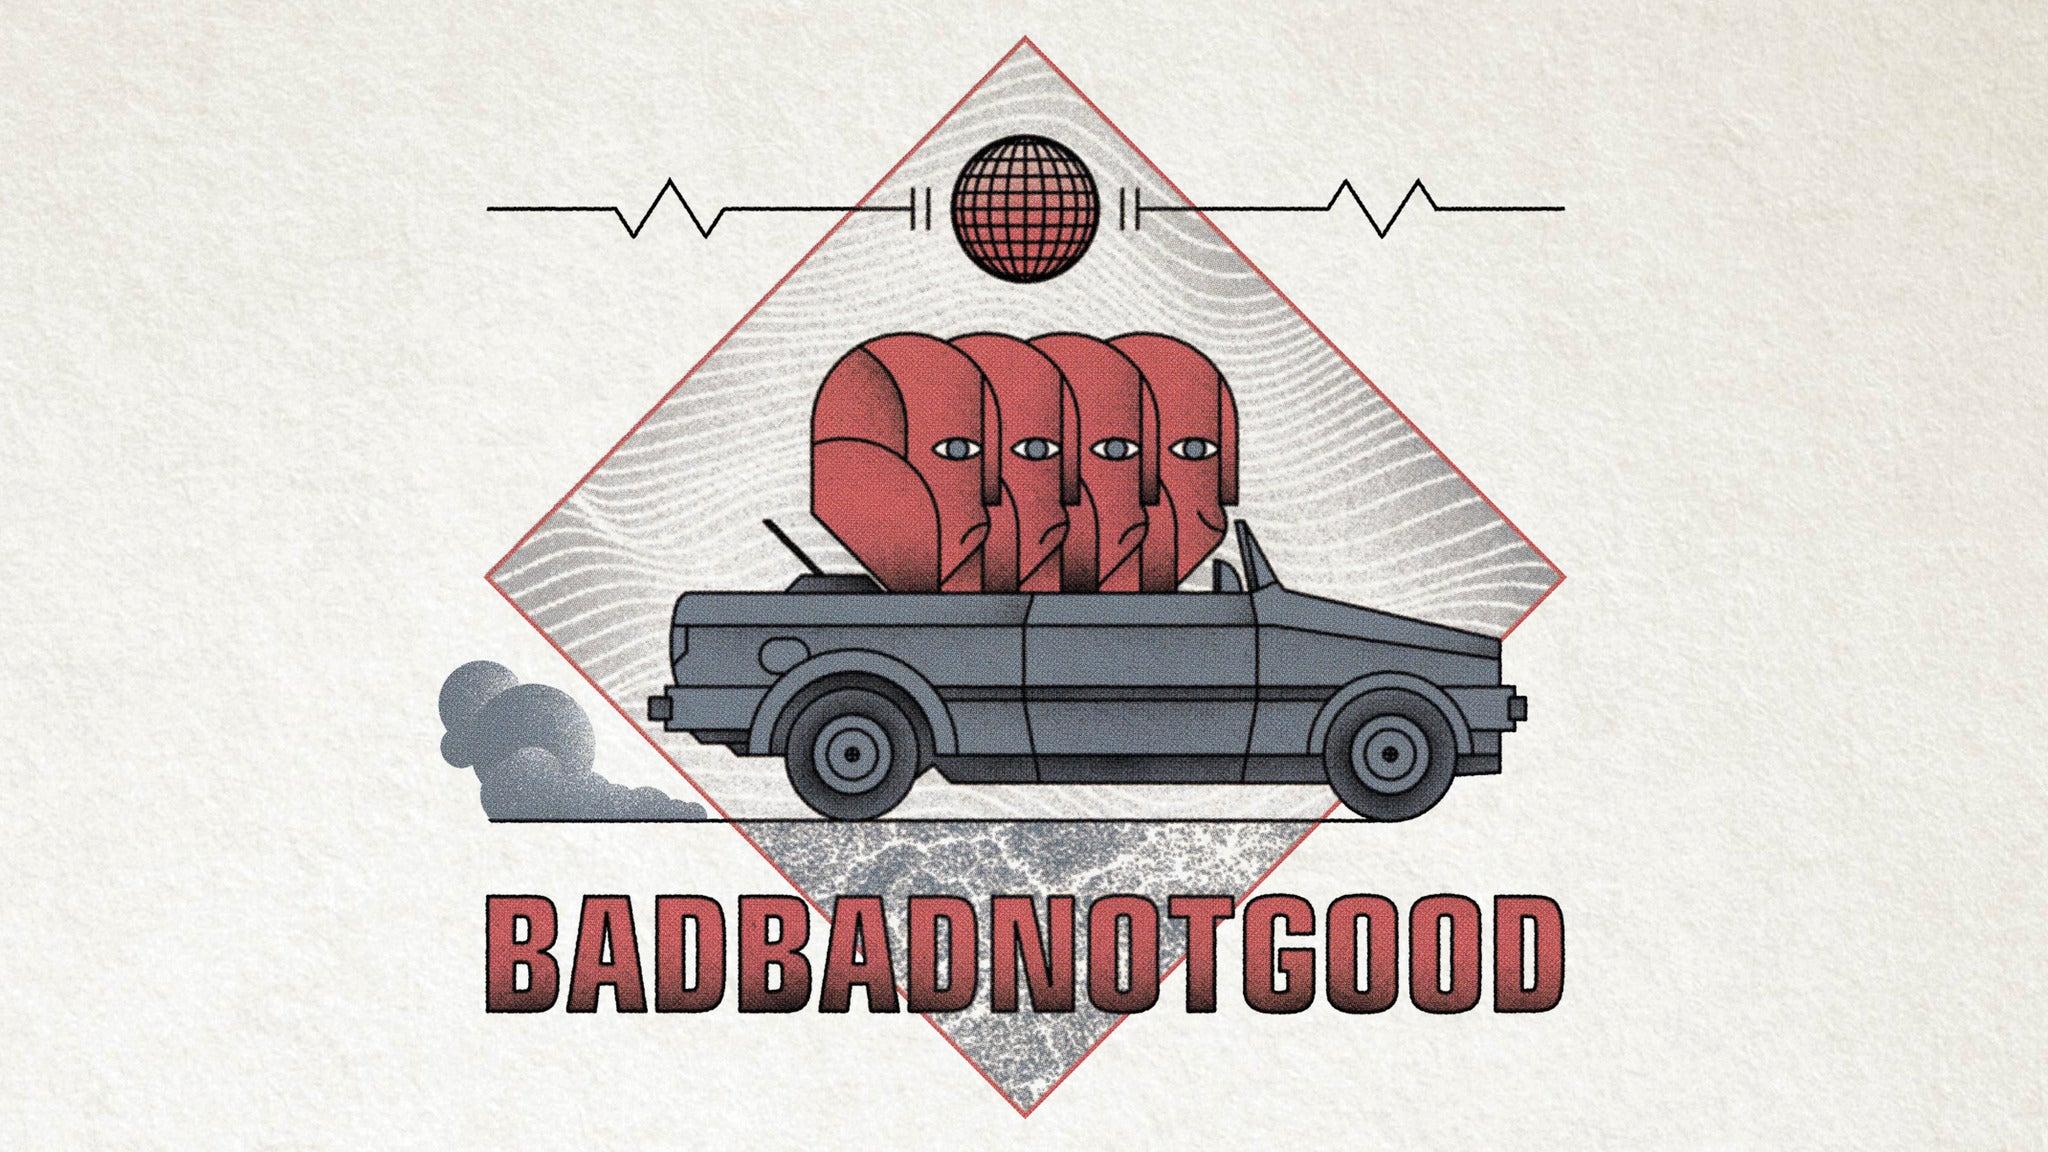 Badbadnotgood at Fox Theater - Oakland - Oakland, CA 94612